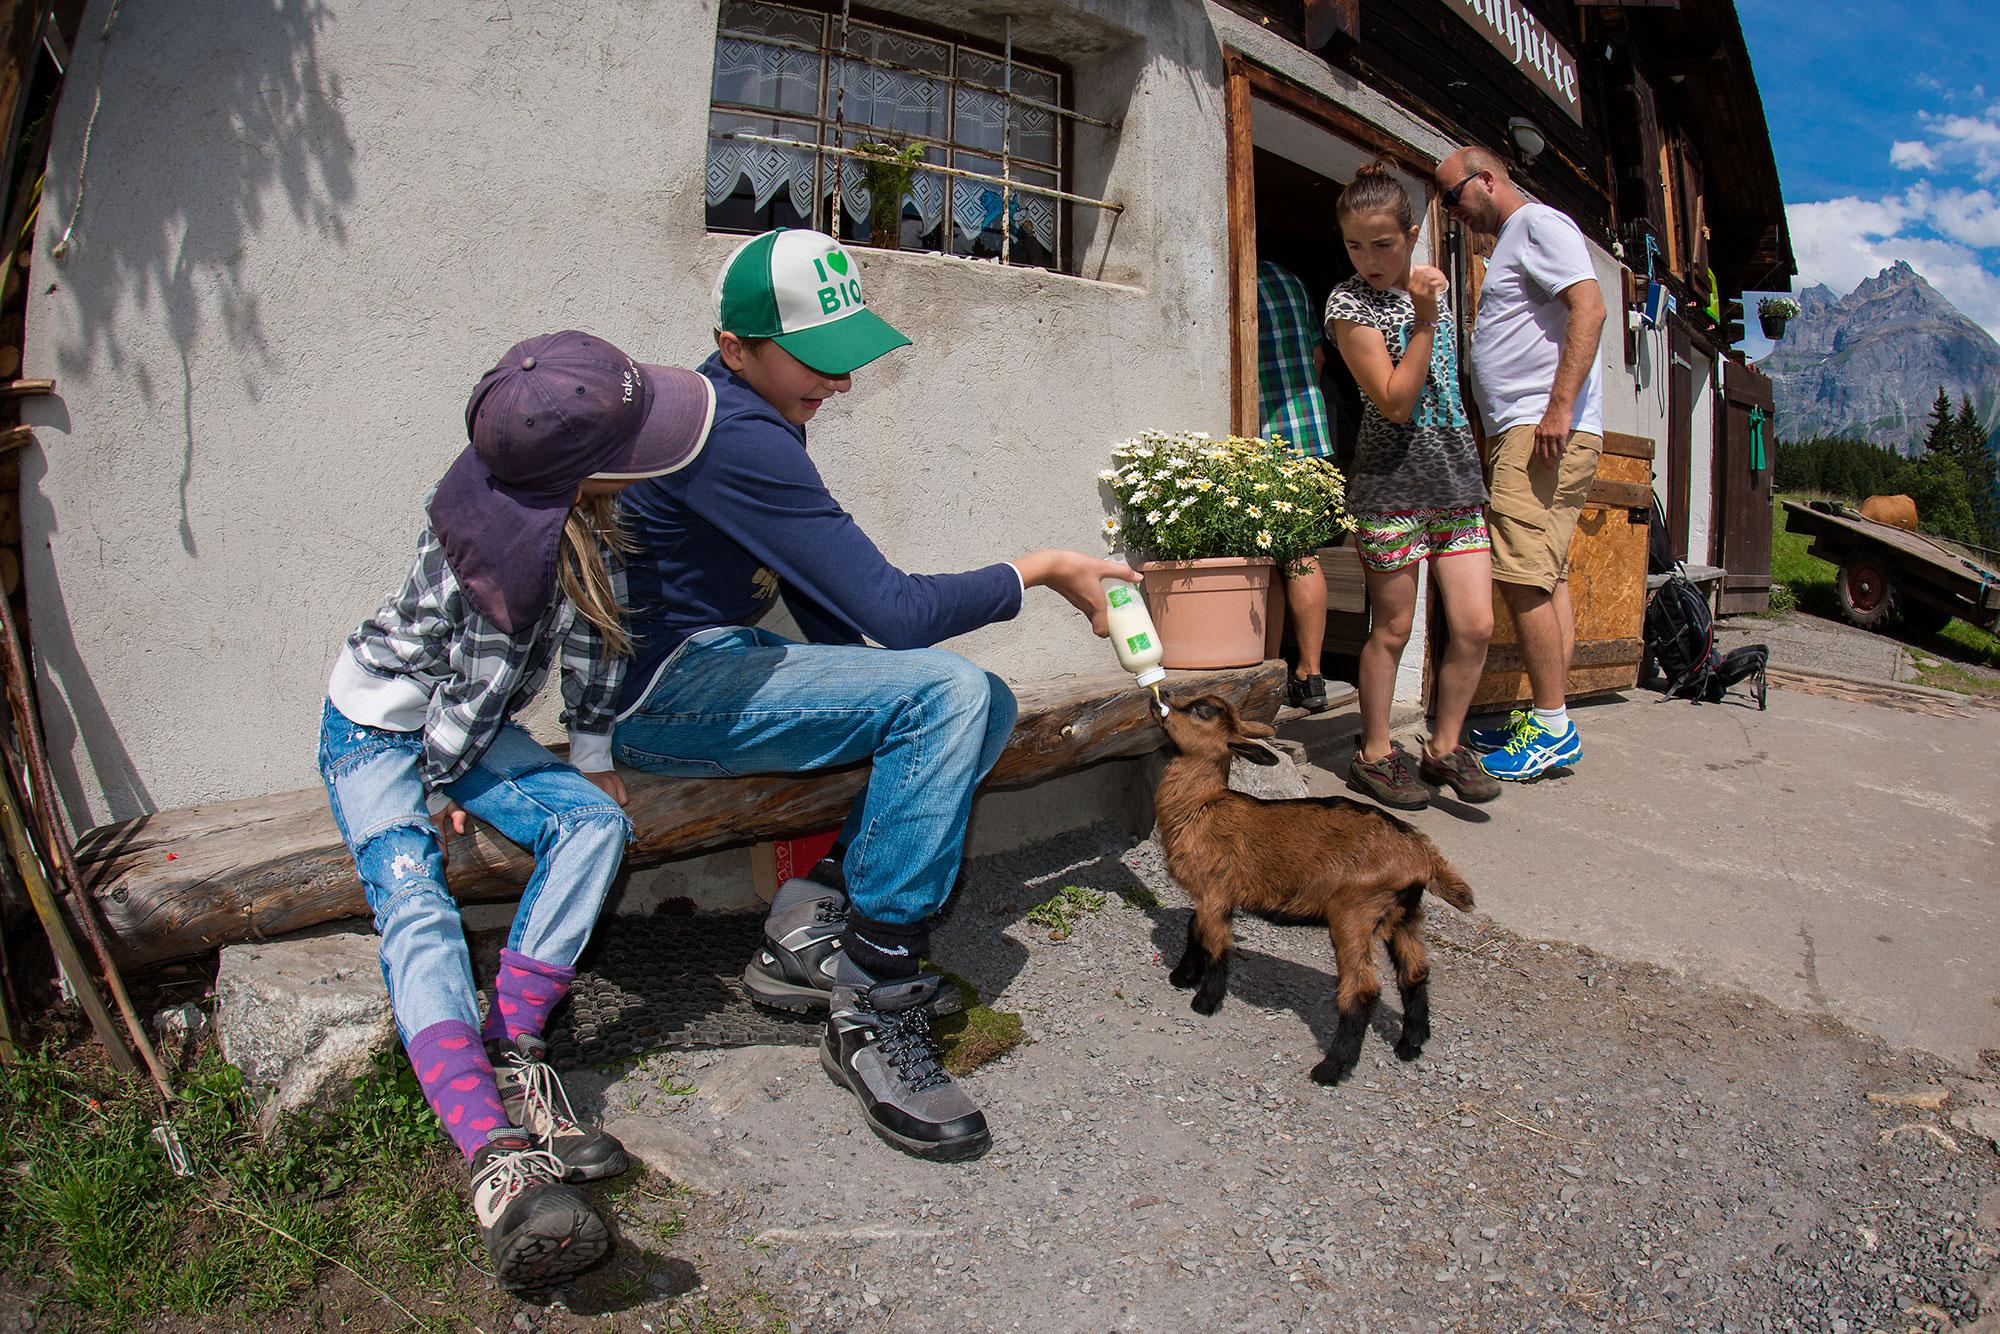 Sennhütte, Arnisee, Canton Uri - Switzerland